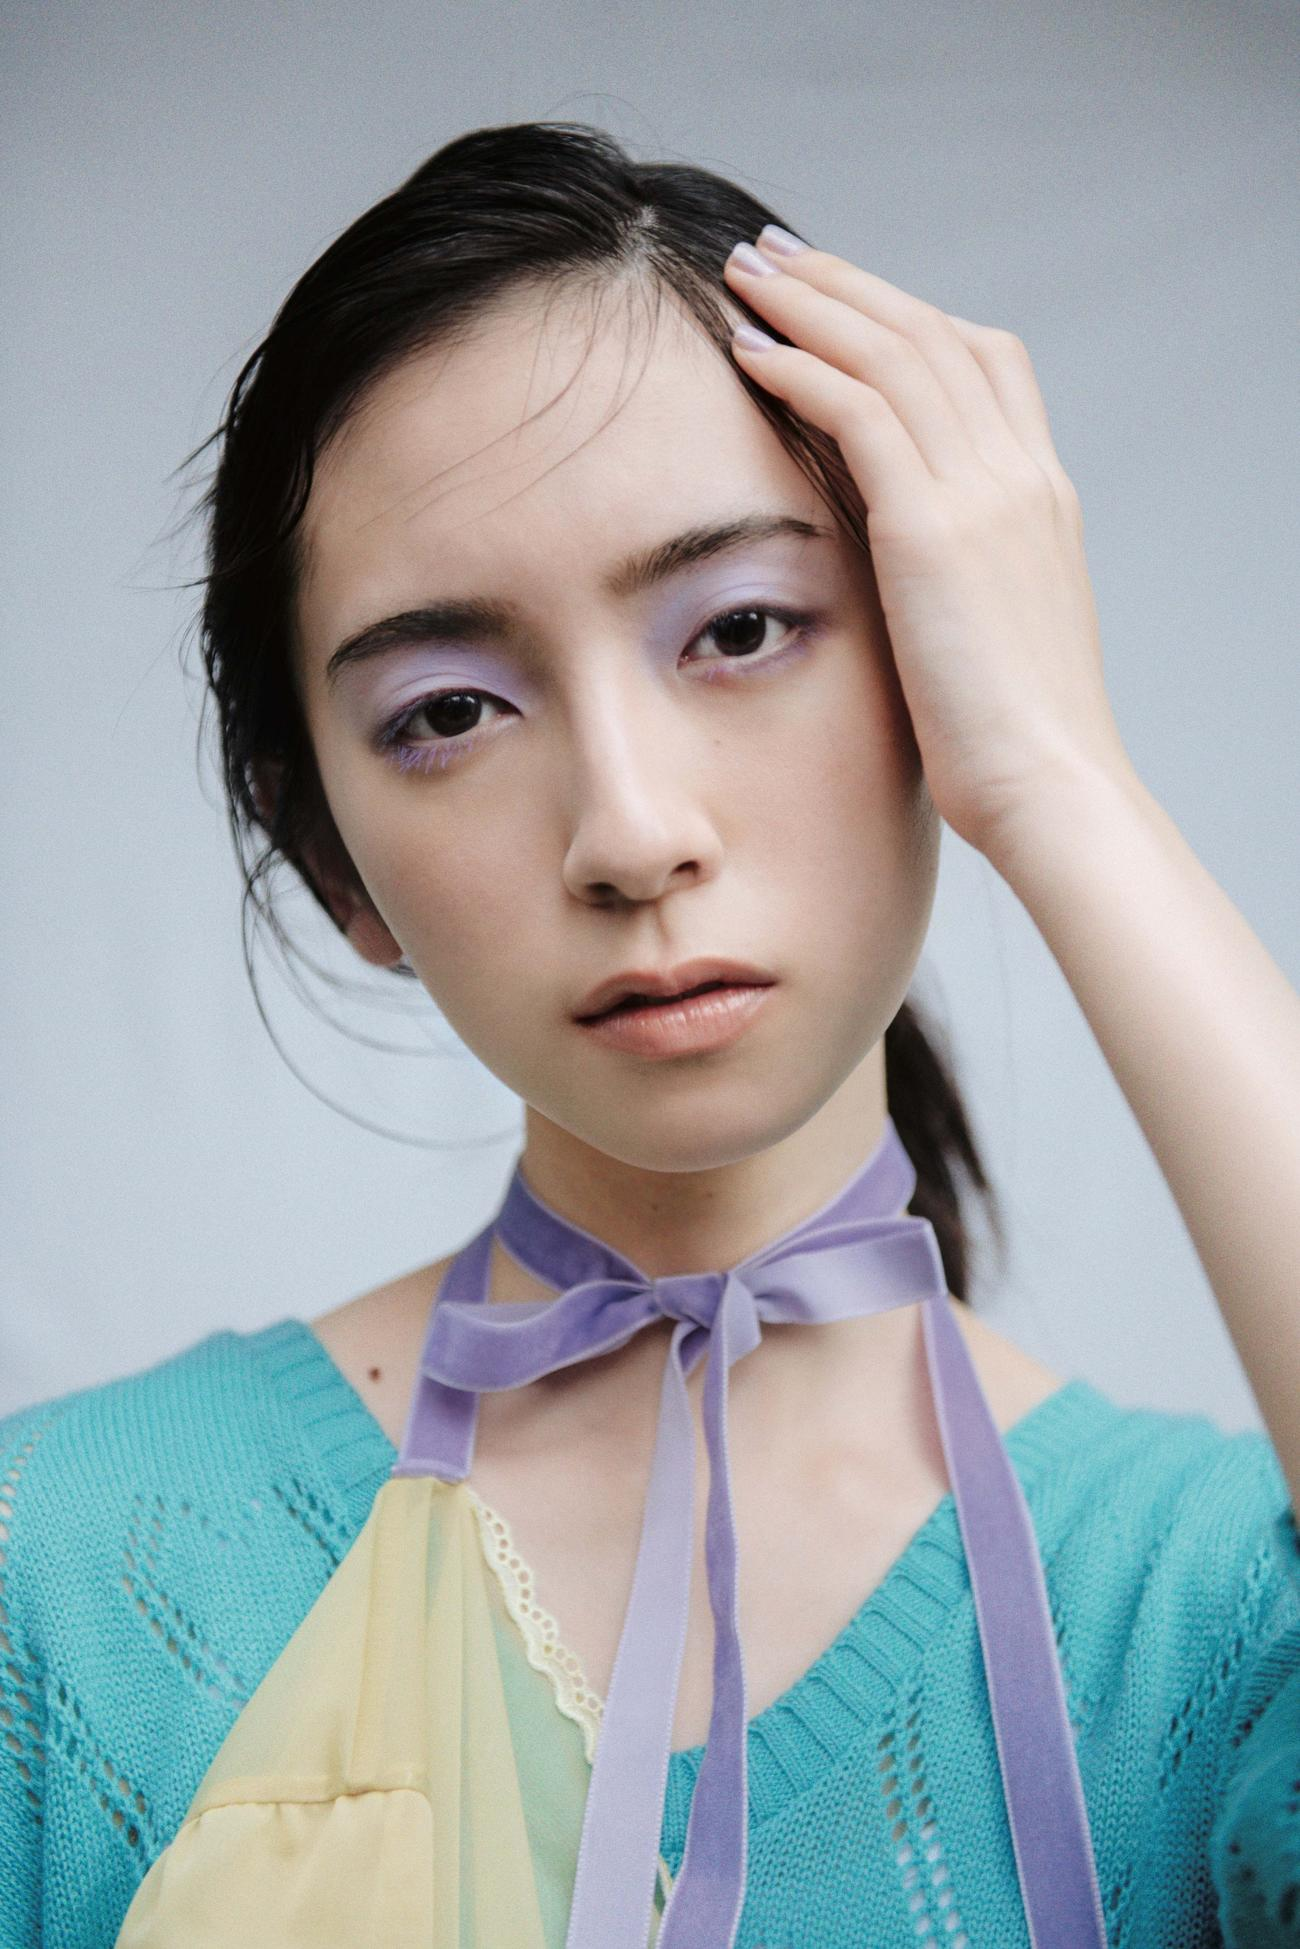 金村美玖の画像 p1_28